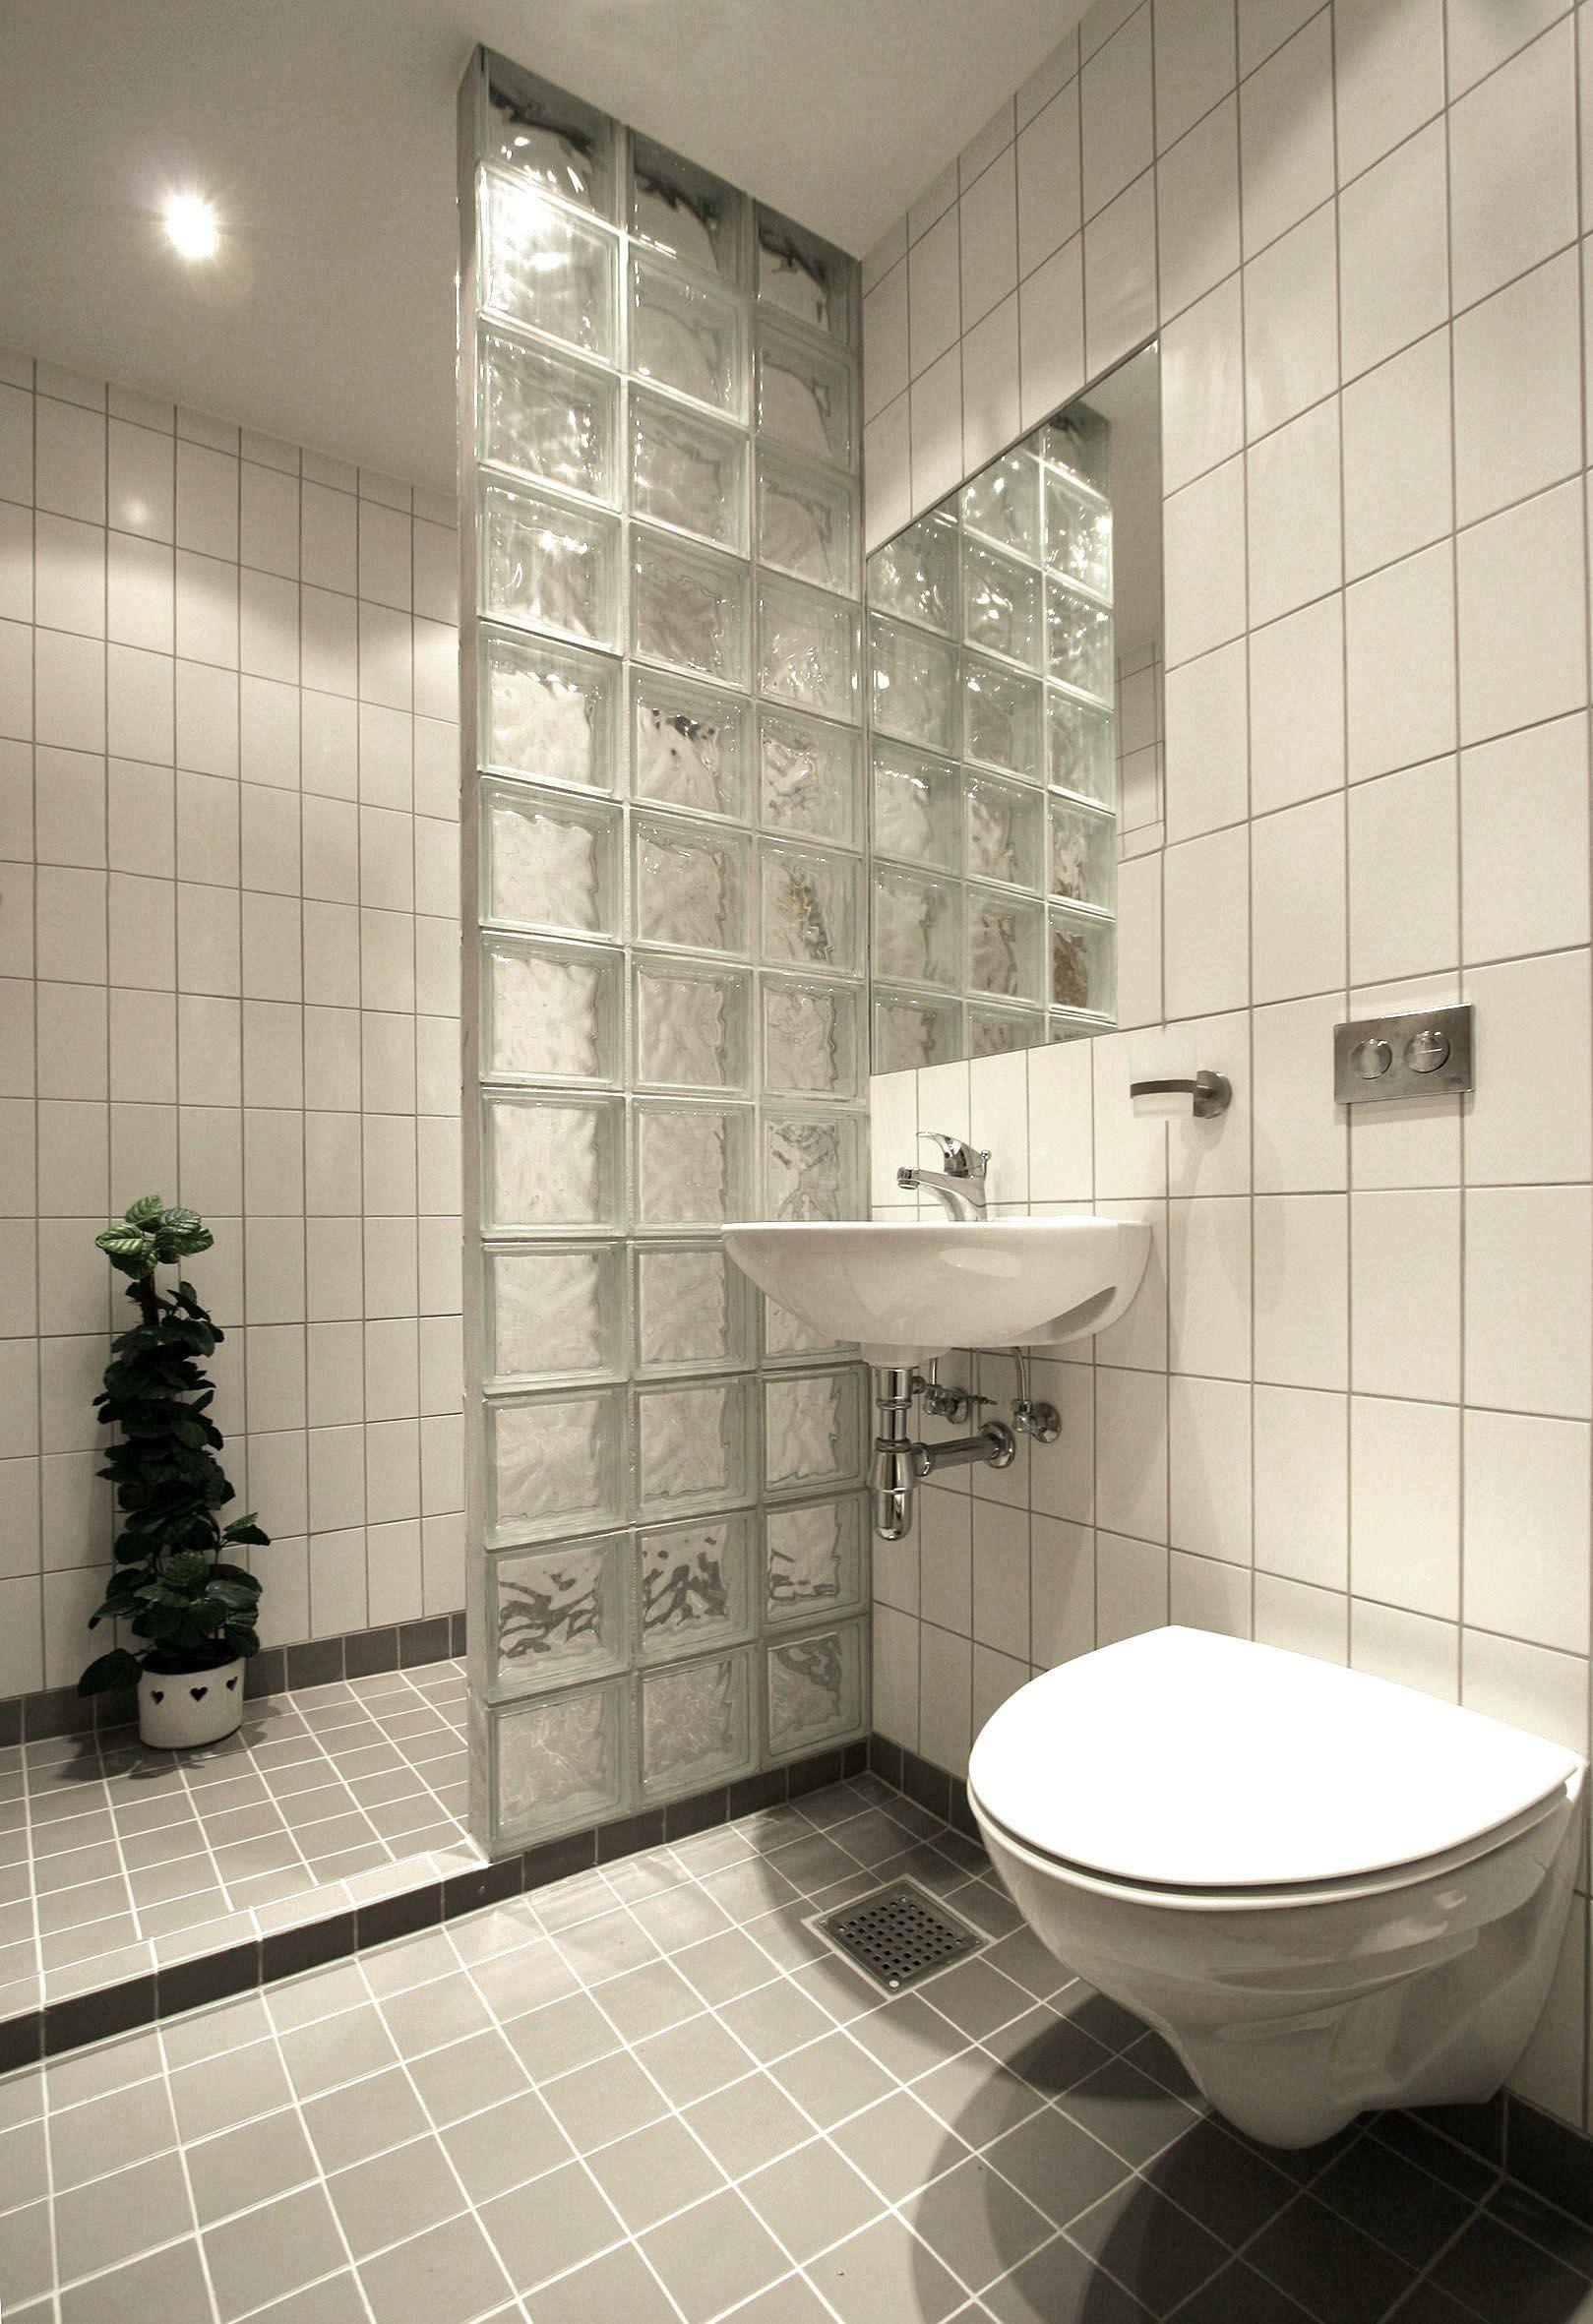 badeværelse - Google-søgning | Bathrooms / Badeværelser | Pinterest ...